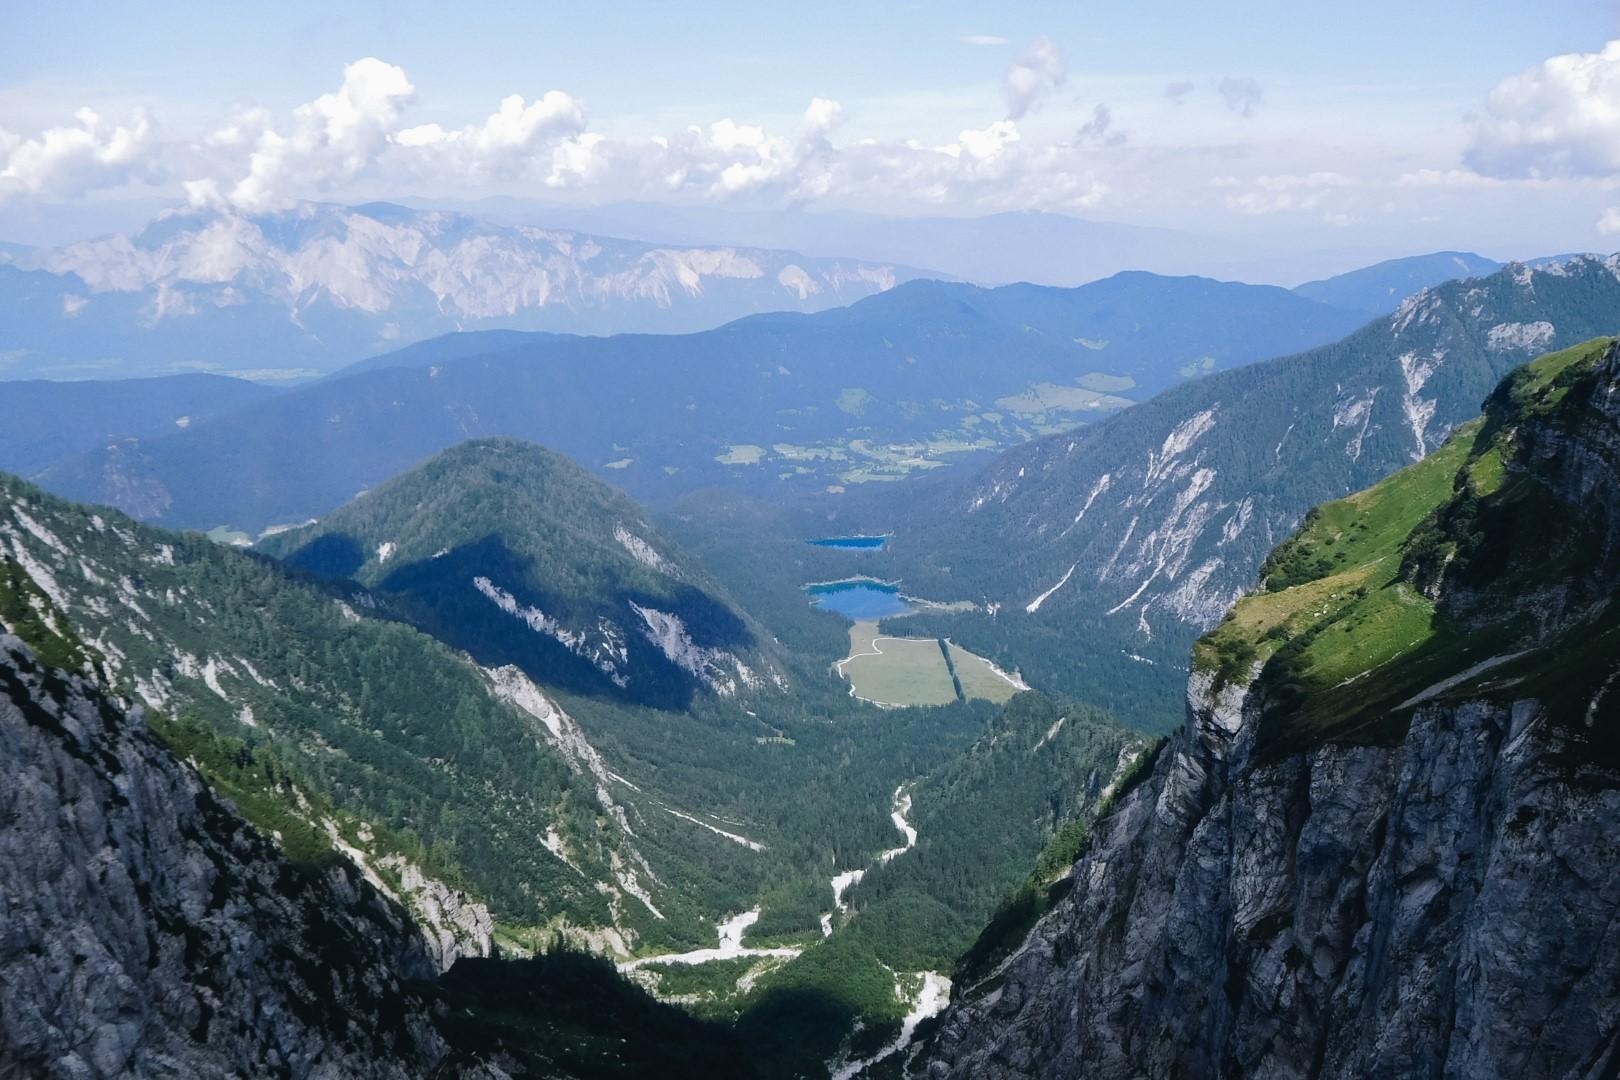 Widok na Alpy Julijskie z przełęczy pod Mangartem.